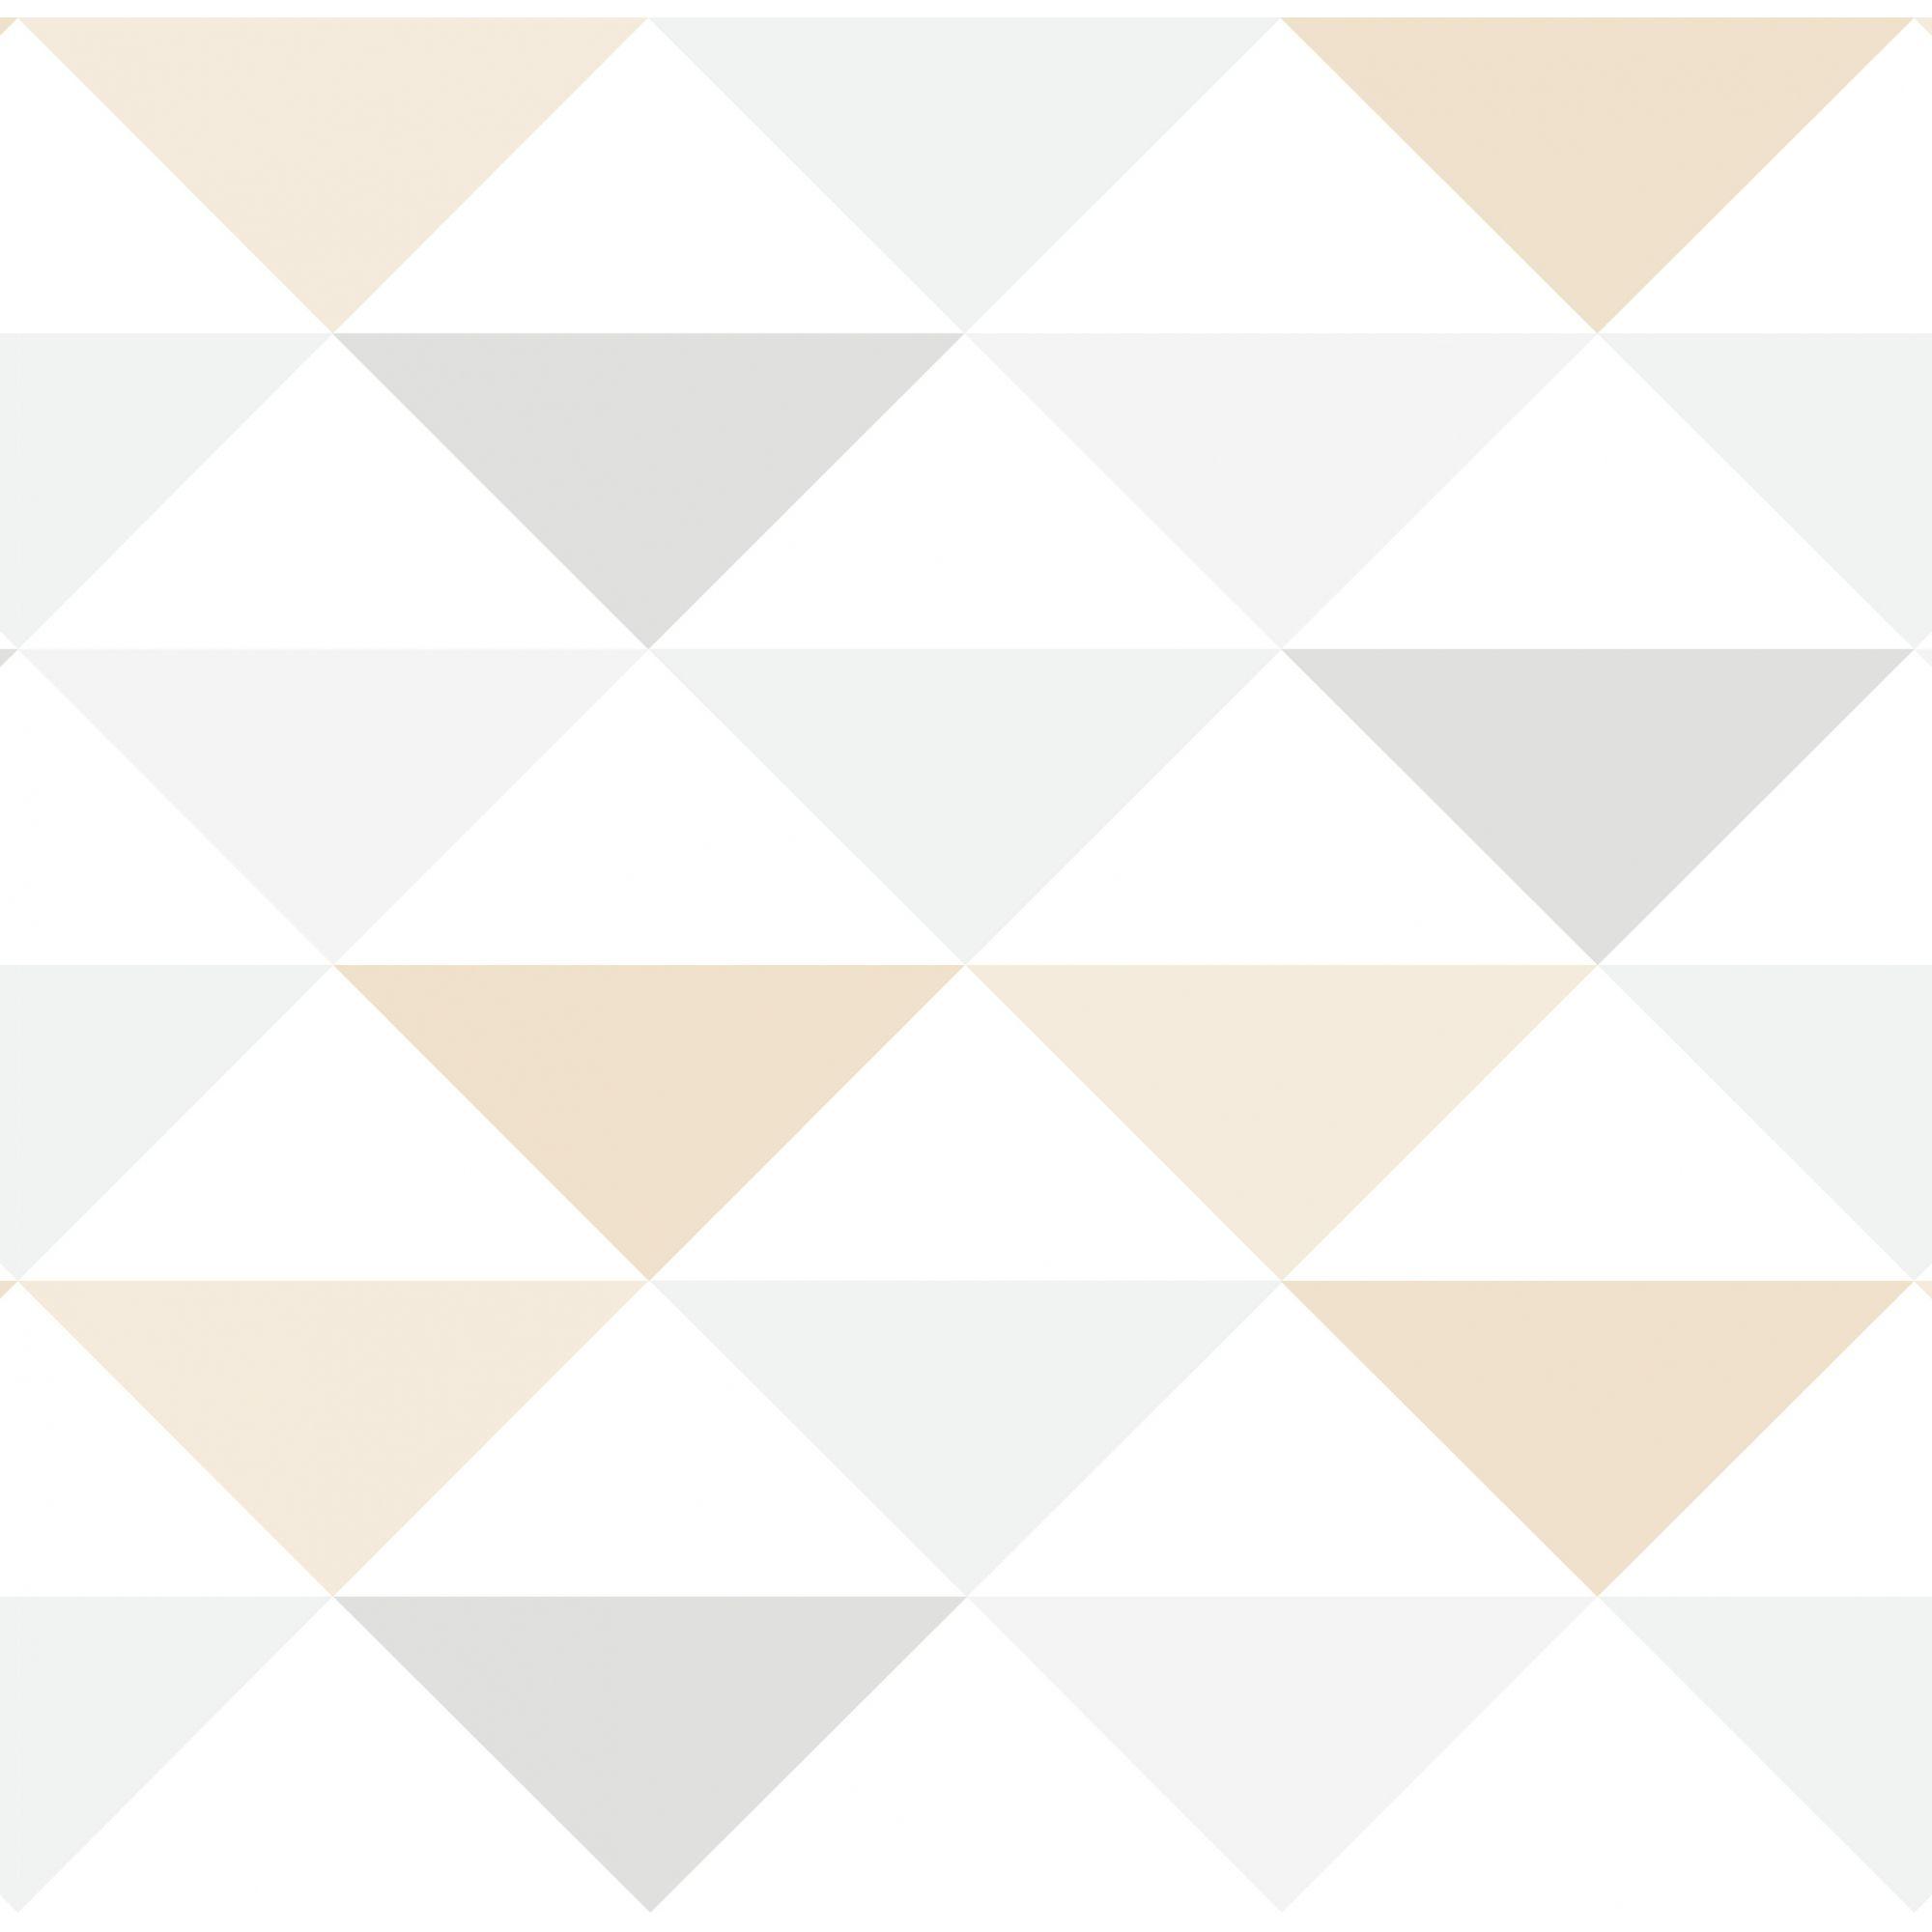 Papel de Parede Infantil Bobinex Coleção Brincar Geométrico Triângulo Bege, Cinza, Branco